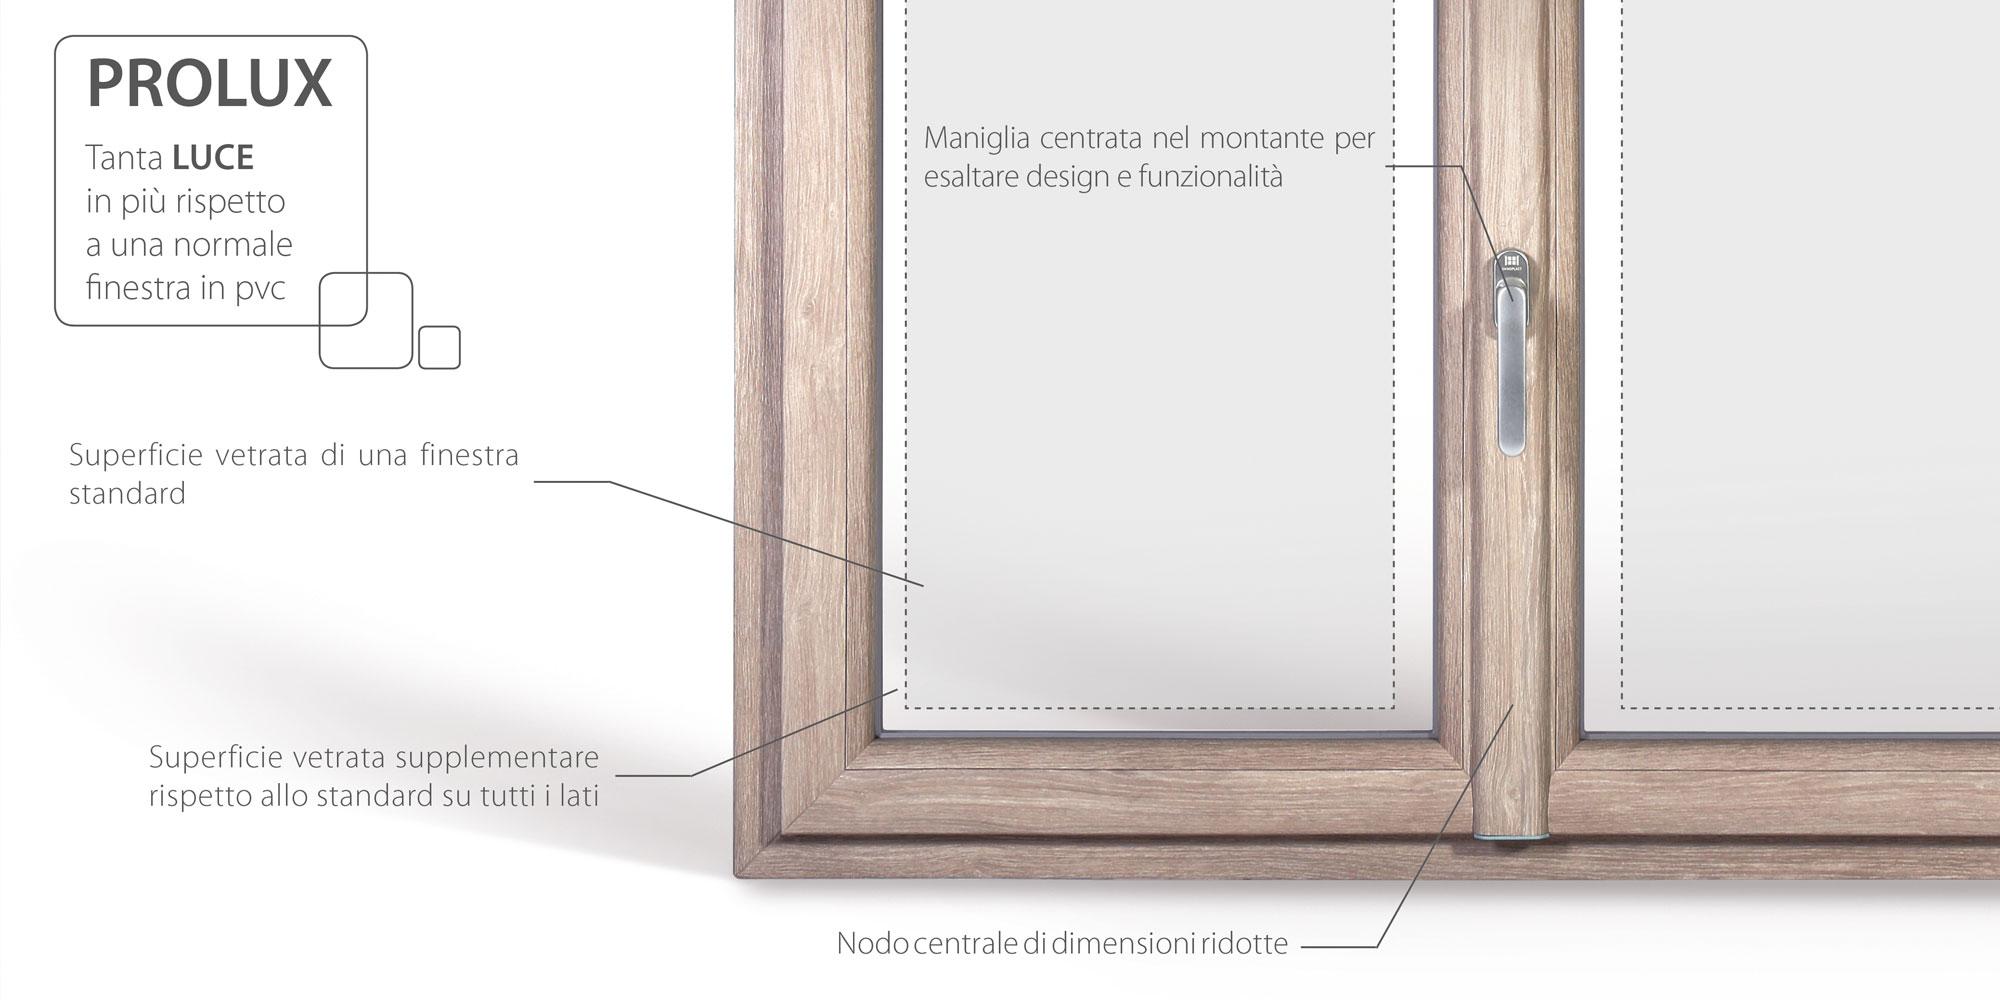 Scopri i vantaggi della finestra Prolux nata per la ristrutturazione